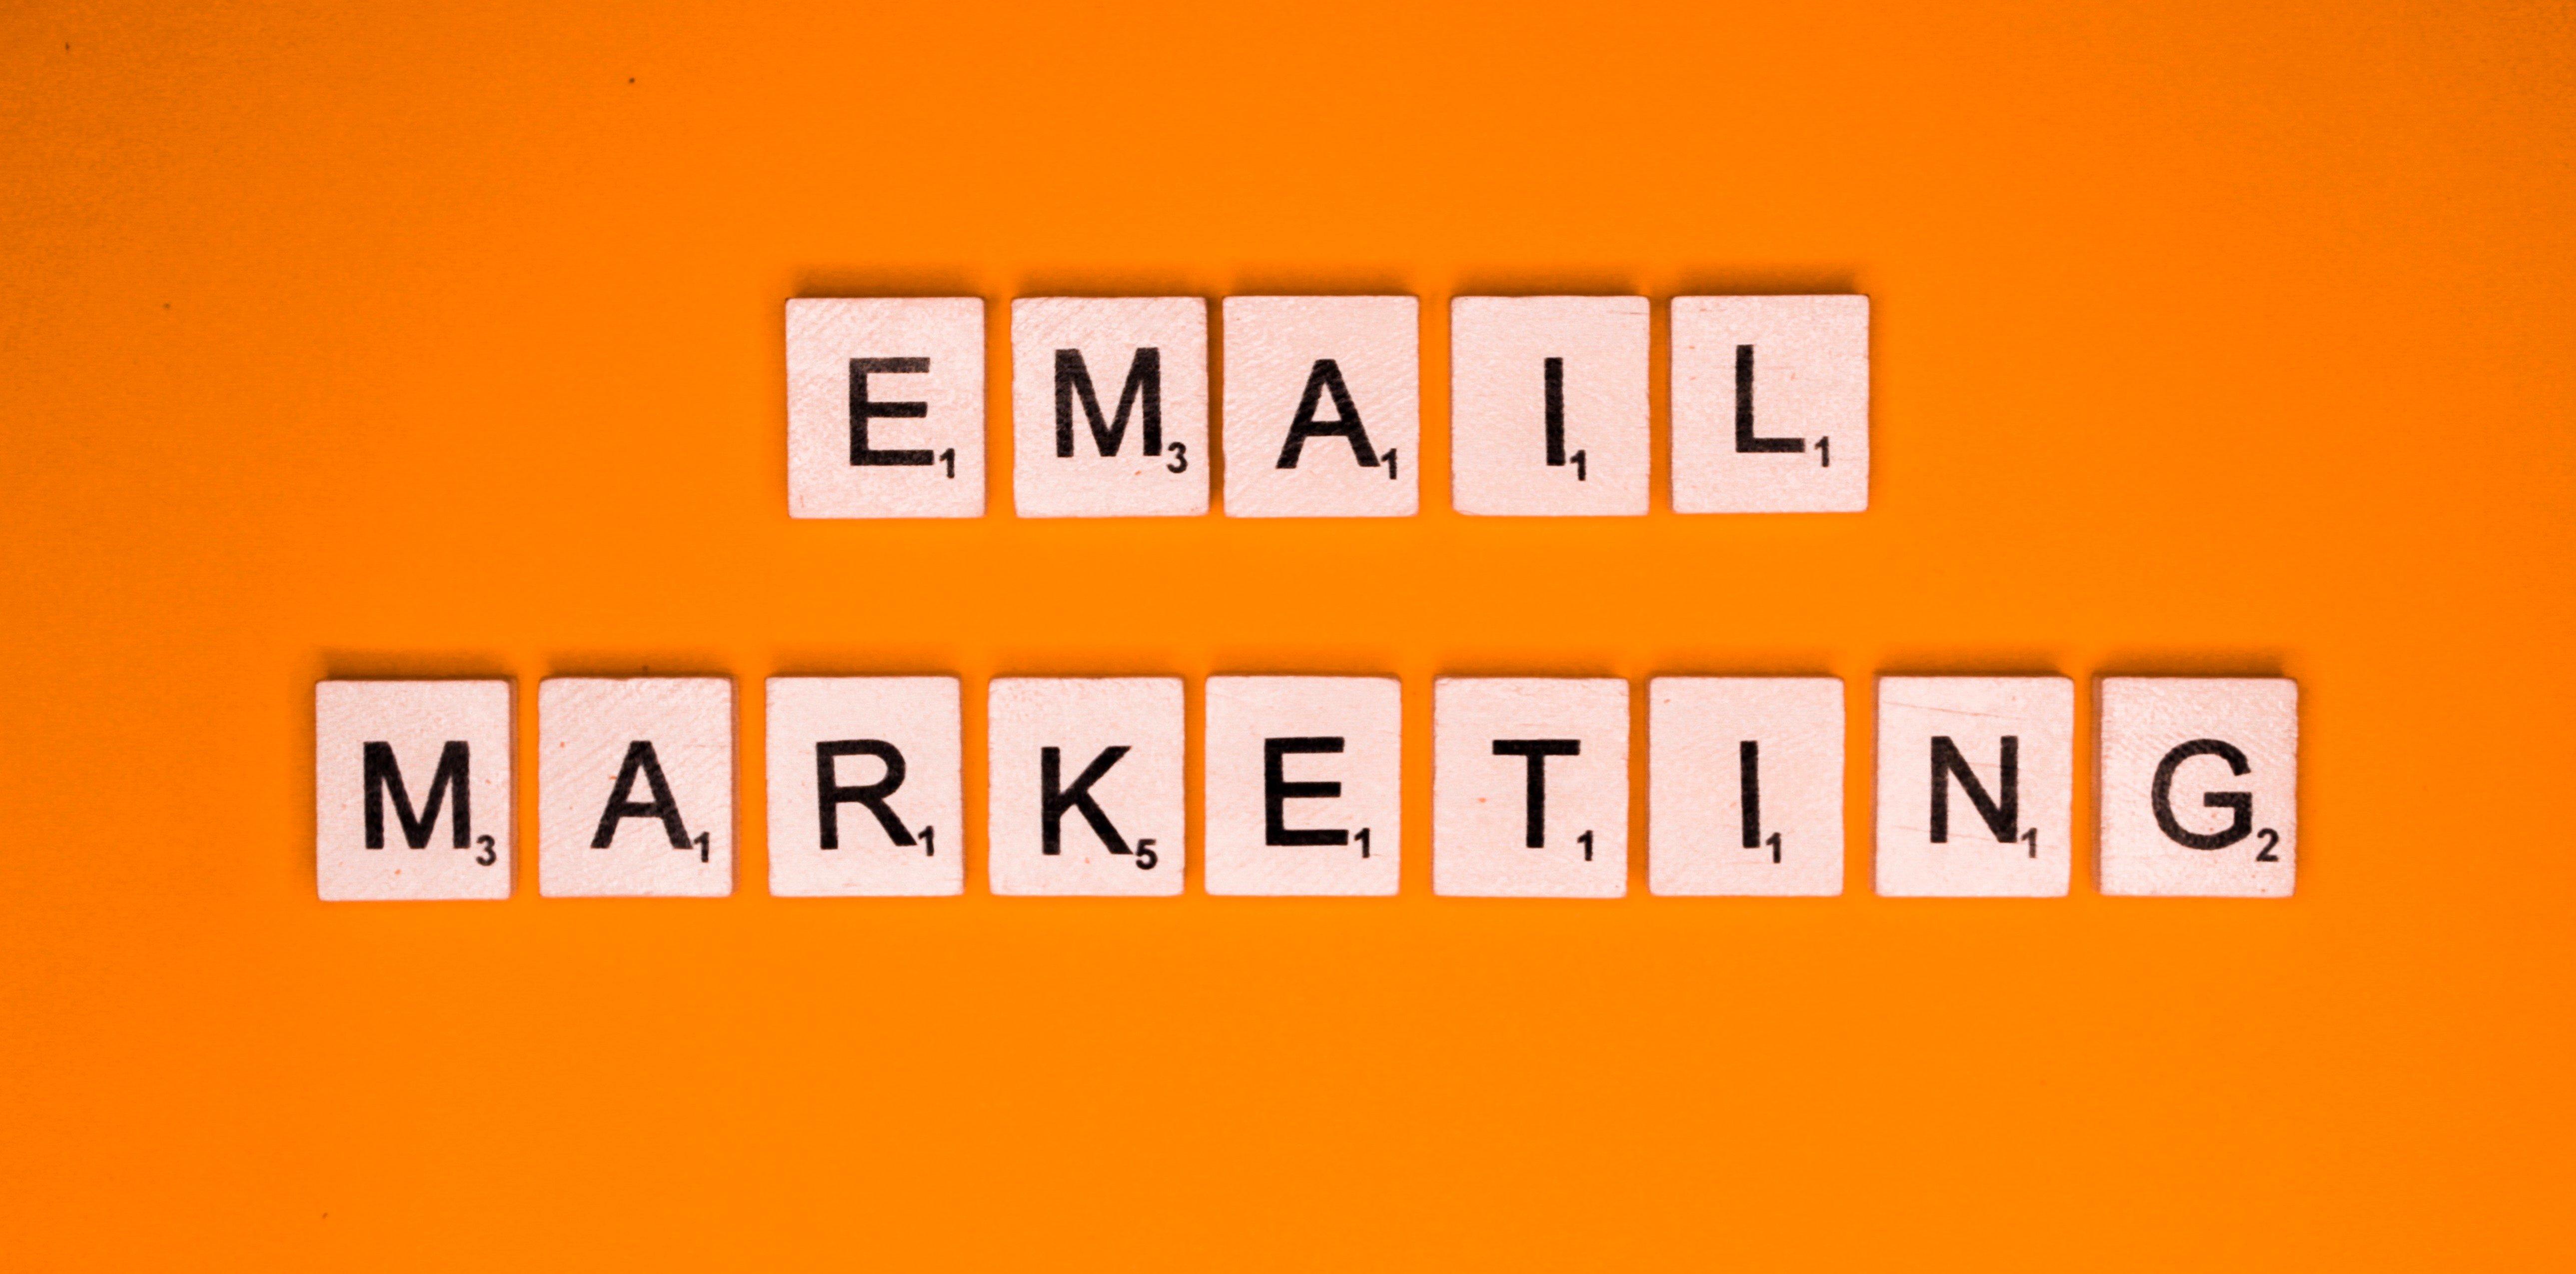 email-marketing_t20_WgvrPL-1